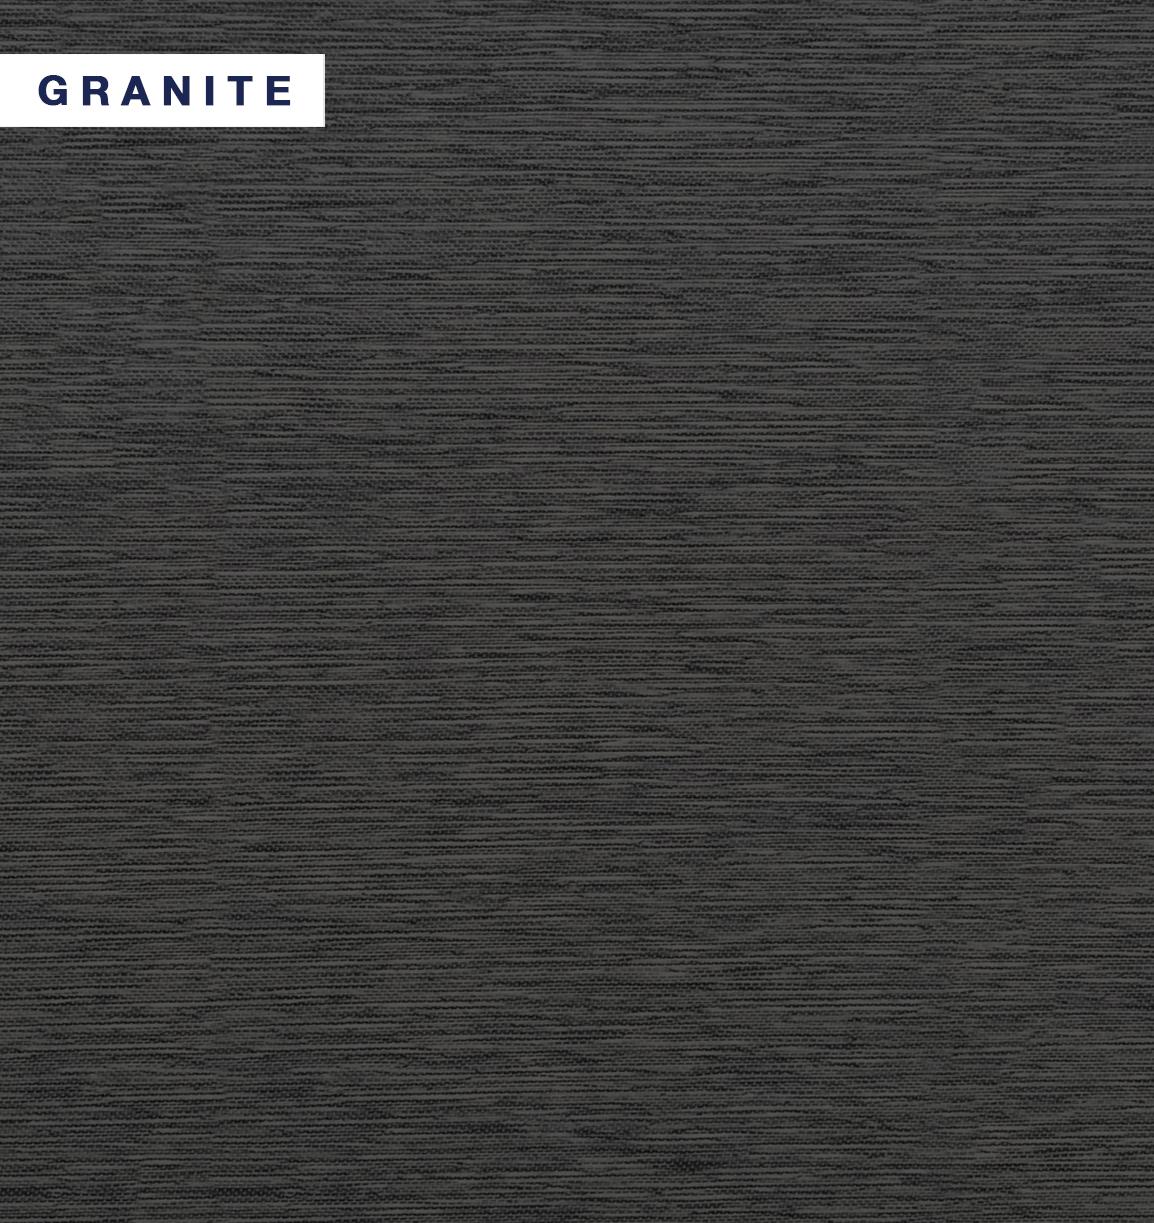 Zara - Granite.jpg